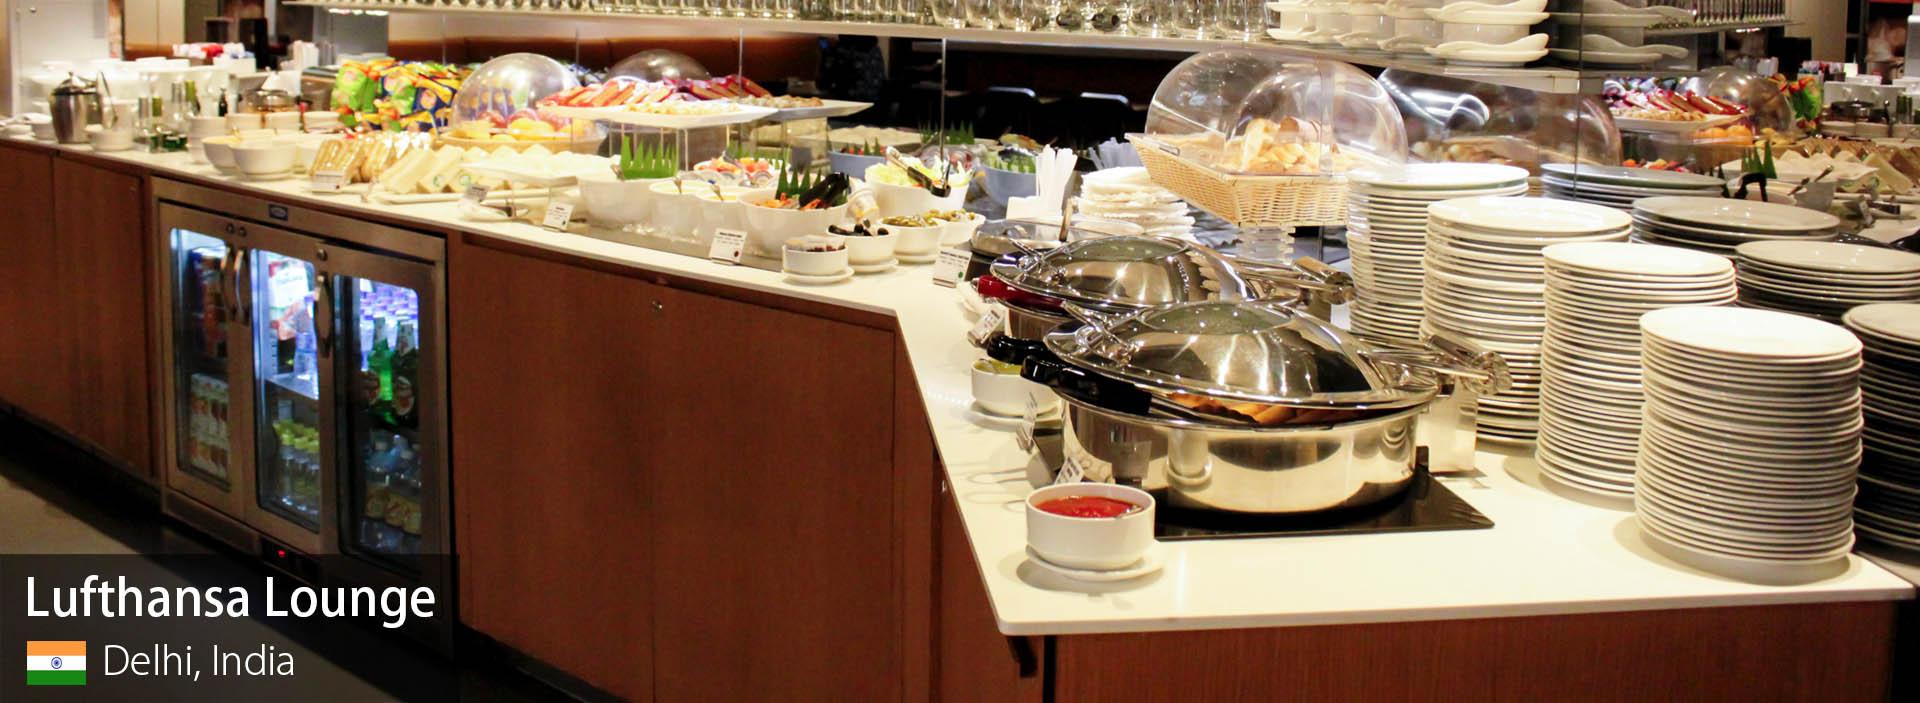 Lounge Review: Lufthansa Lounge at Delhi Indira Gandhi International